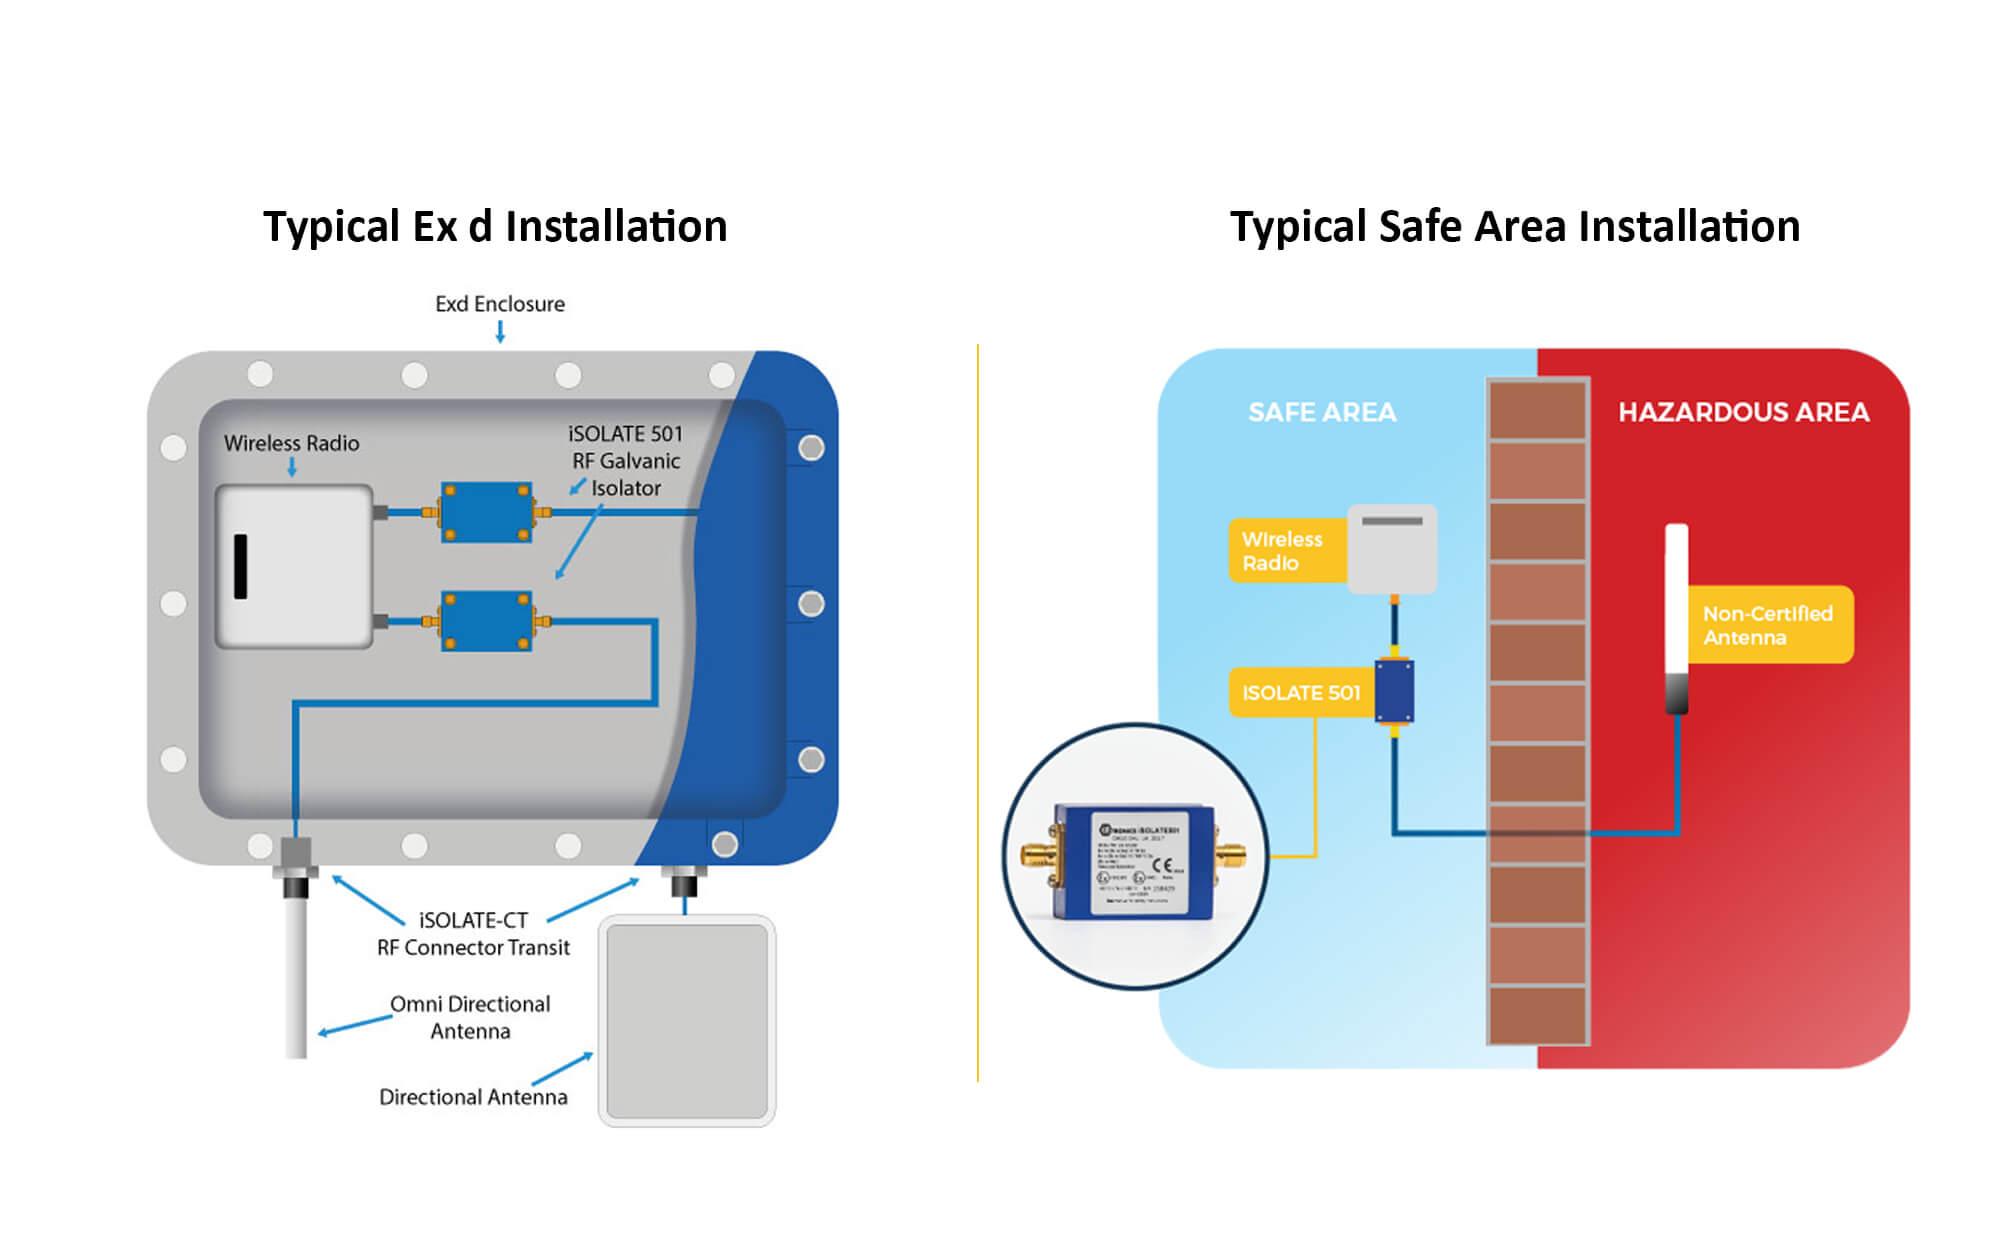 Hazardous-vs-safe-area-iSOLATE-installation